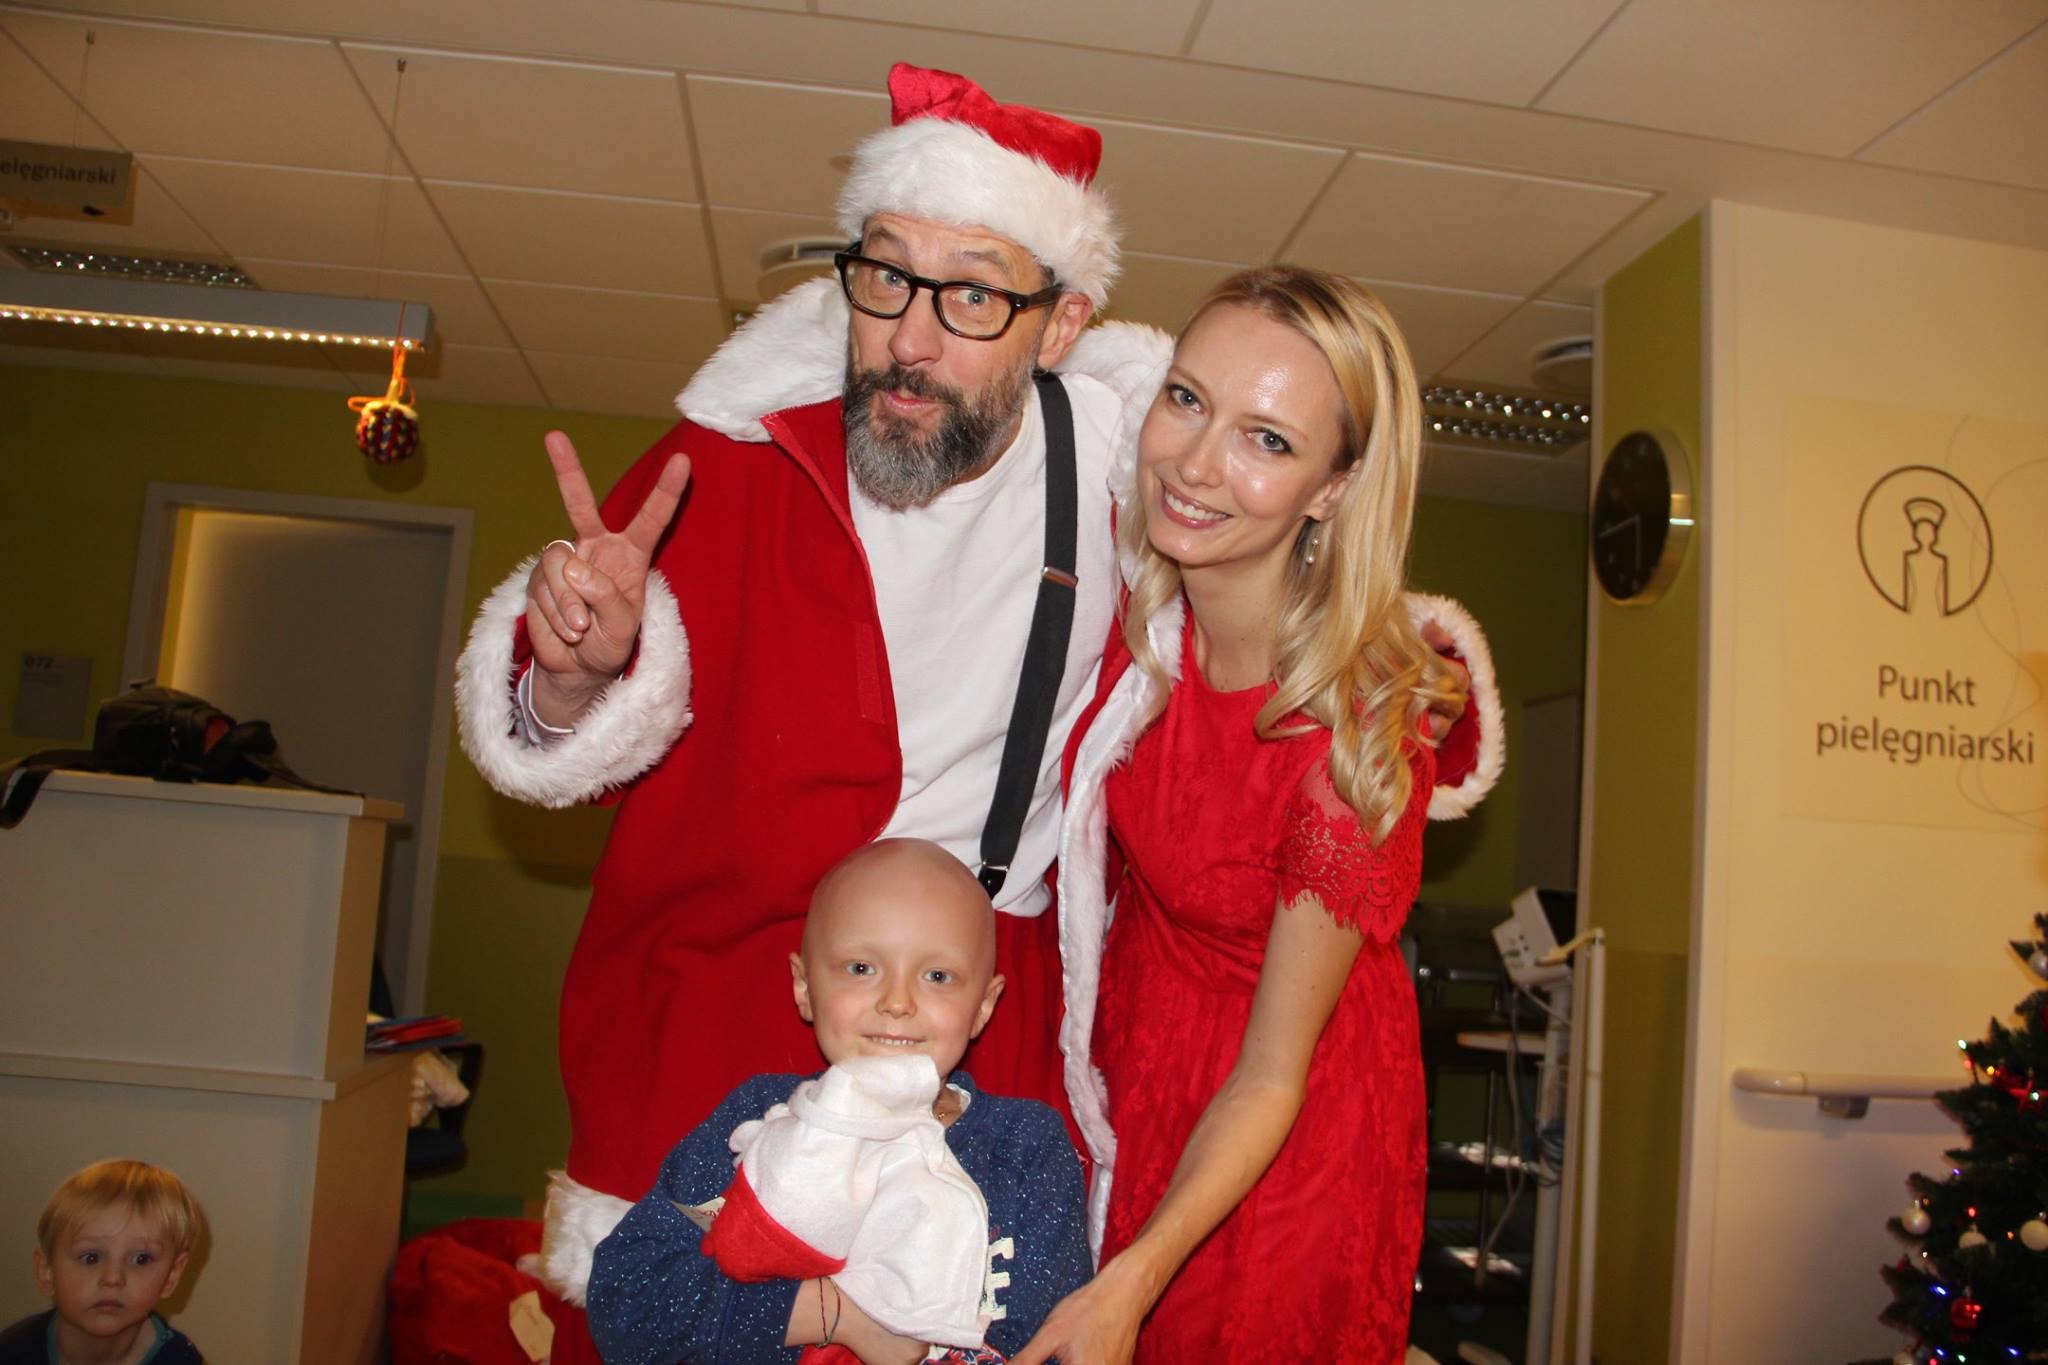 Świąteczna wizyta na Trojdena